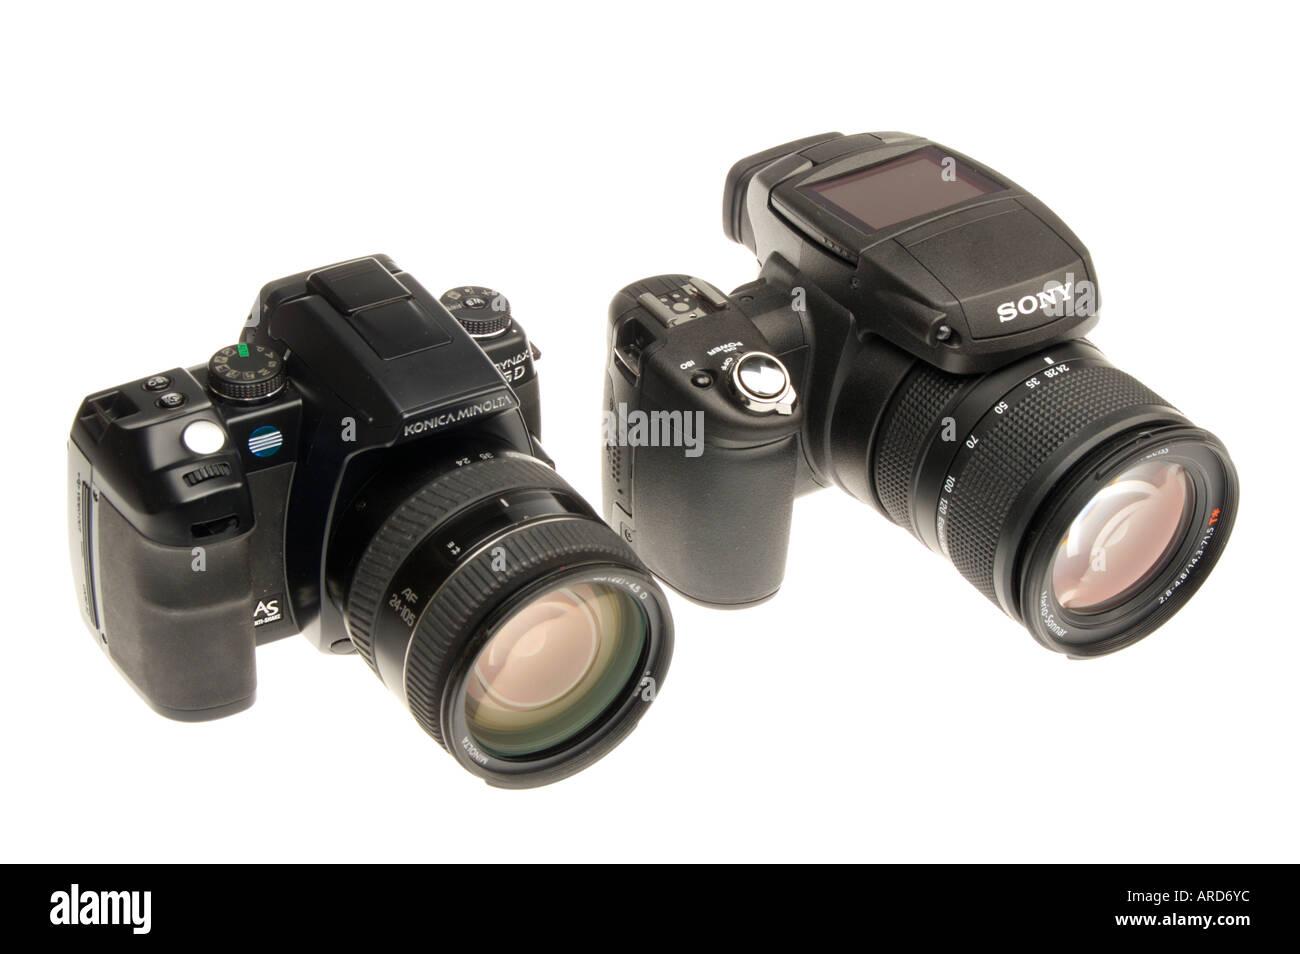 konica minolta dynax 5d and sony r1 digital cameras - Minolta Digital Camera